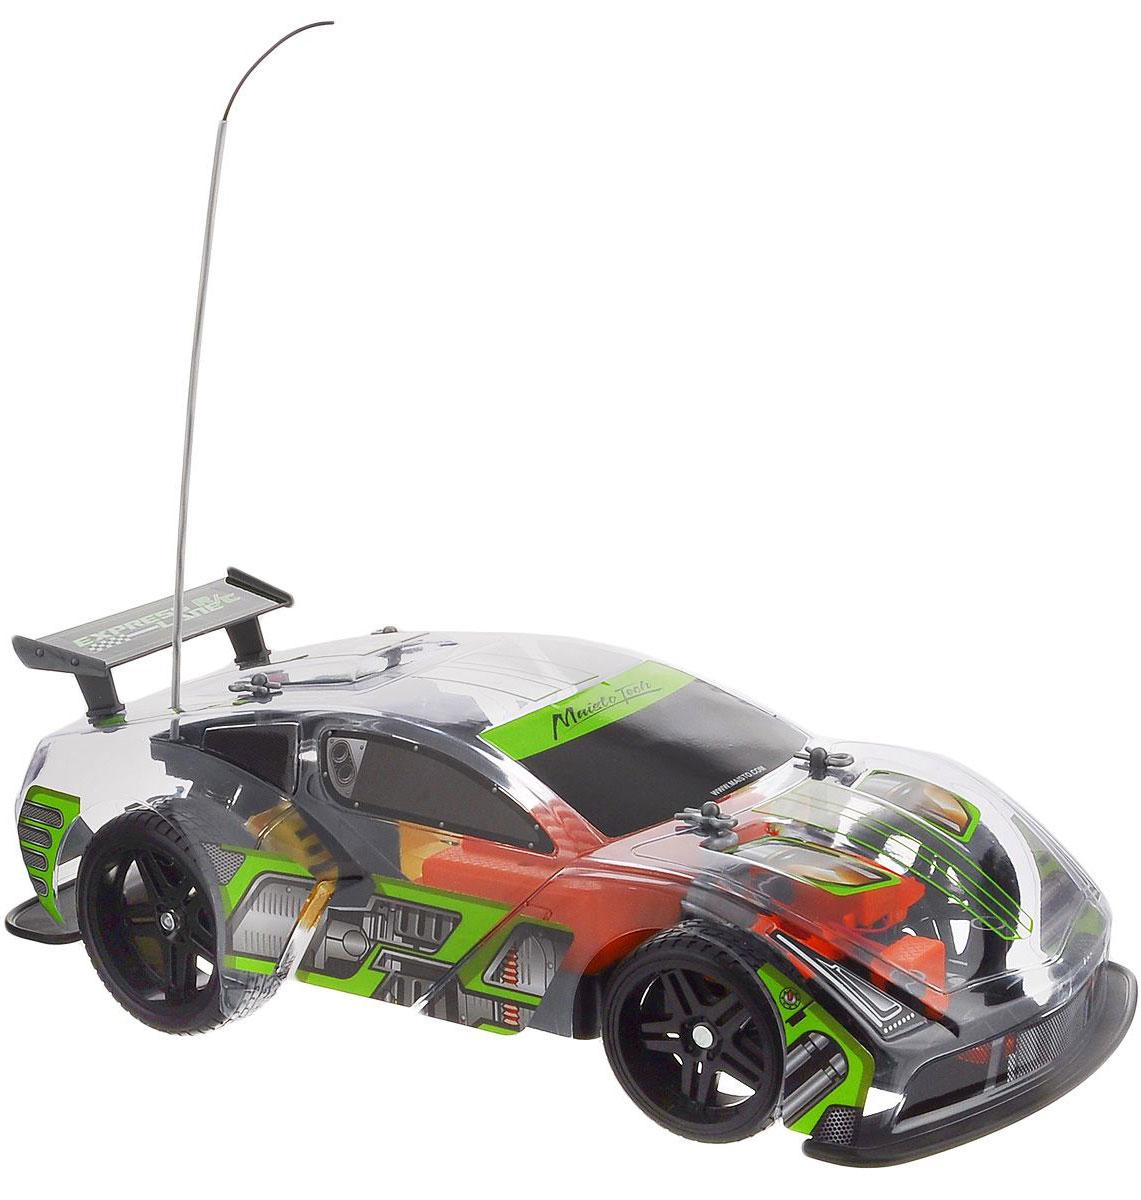 """Радиоуправляемая модель Maisto """"Express Lane VRT-16"""" с ярким привлекающим внимание дизайном обязательно понравится всем любителям гоночных автомобилей. Корпус выполнен из высококачественного пластика. Машина представляет собой копию машины, уменьшенную в 14 раз. Двигается в нескольких направлениях: вперед, назад, вправо, влево. Автомобиль оснащен профессиональным передатчиком с частотой 27 MHz. Управление с помощью дистанционного пульта управления (поставляется в комплекте). В комплекте инструкция по эксплуатации на русском языке. Для работы машины необходимо докупить 6 батареек напряжением 1,5V типа АА (в комплект не входят). Для работы пульта управления необходимо докупить 2 батарейки напряжением 1,5V типа ААА (в комплект не входят)."""